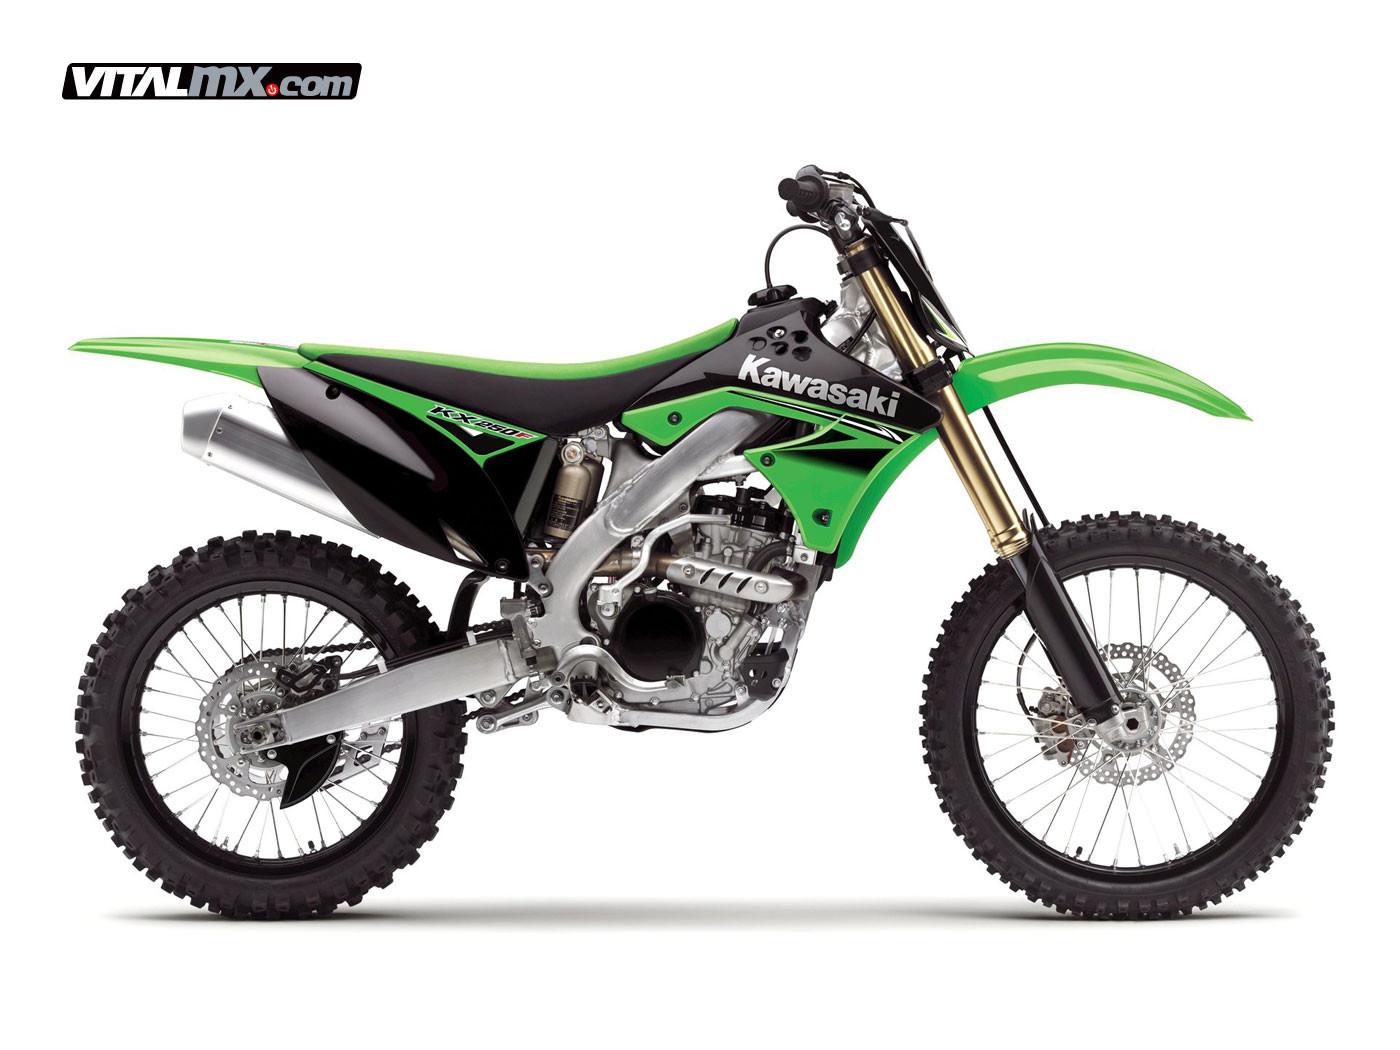 2010 Kawasaki KX250F - 2010 Kawasaki KX Models - Motocross Pictures - Vital MX